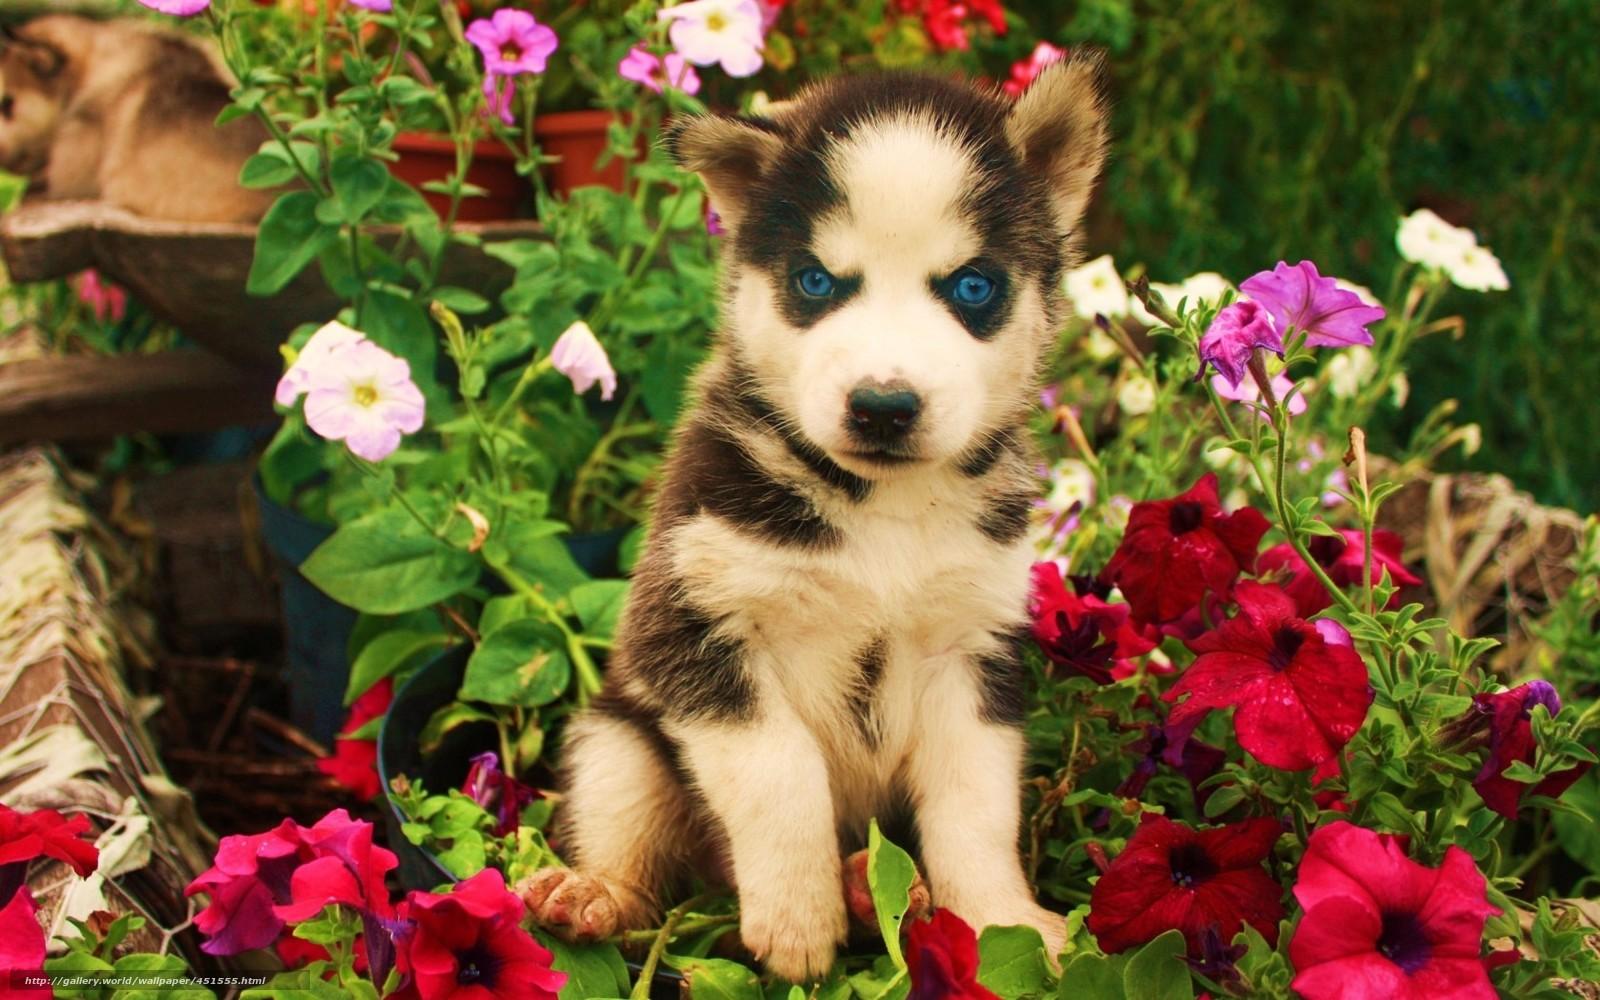 Скачать обои собака щенок цветы злой